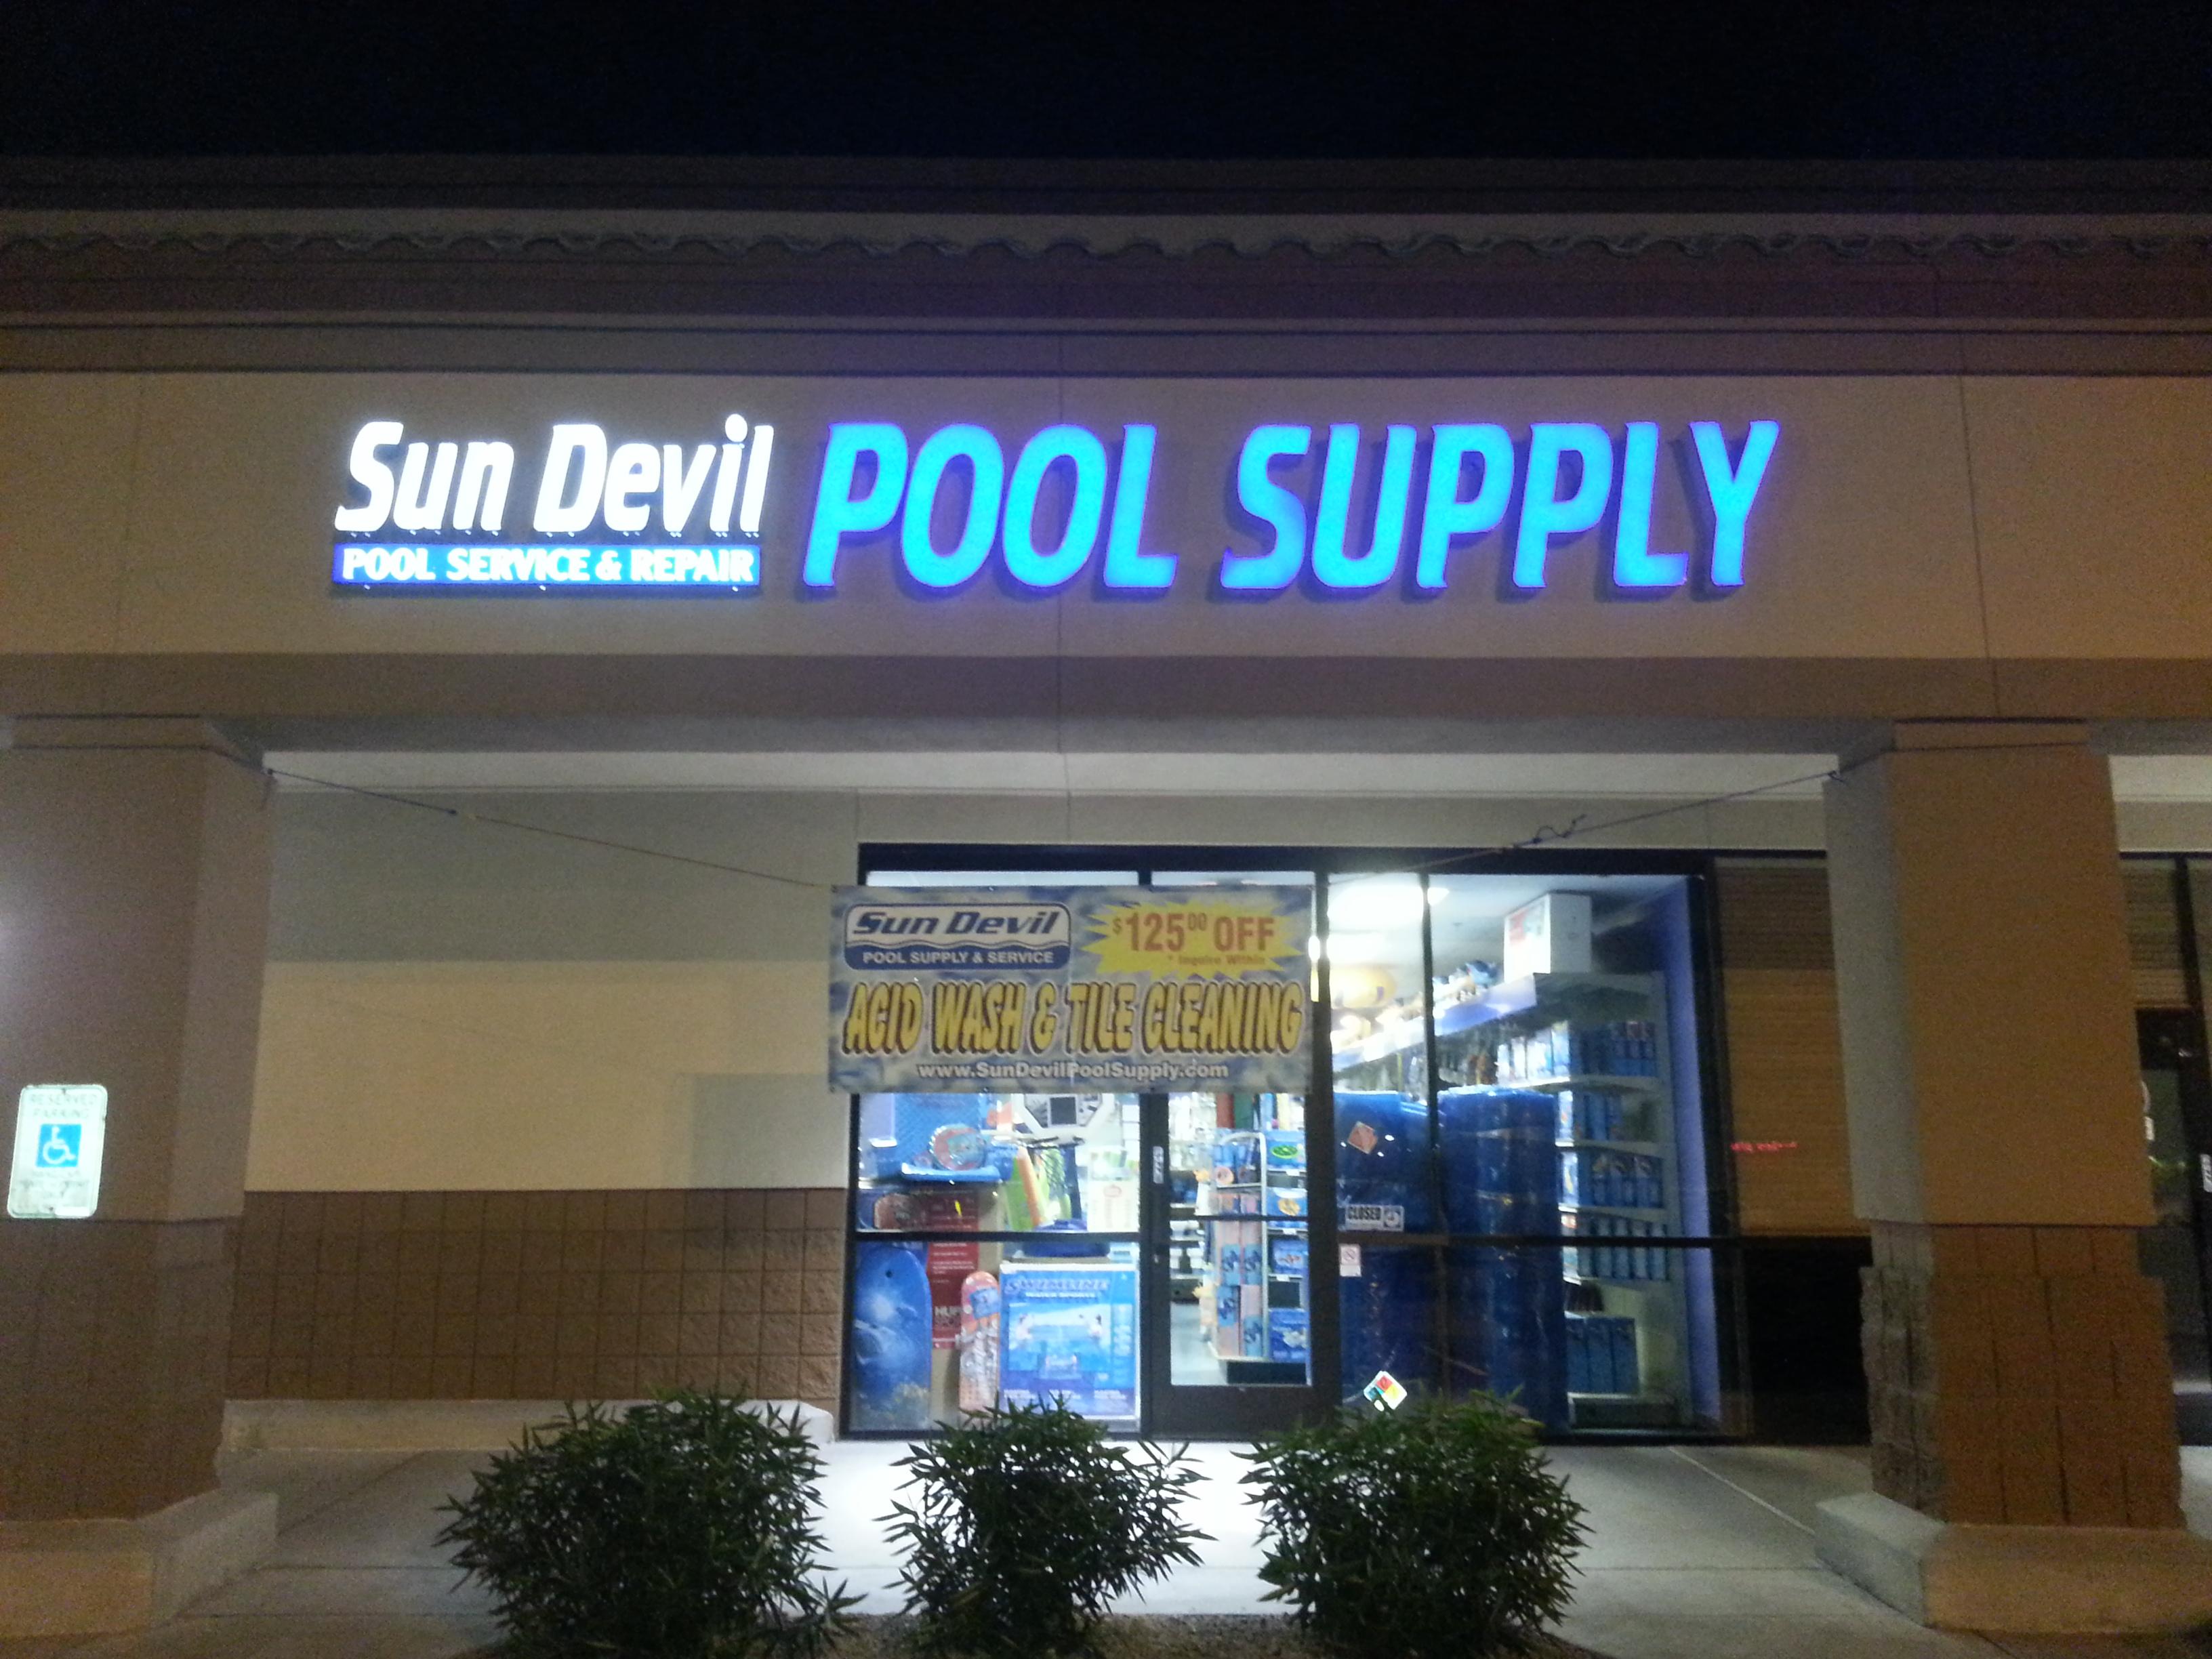 Sun Devil Pool Supply & Repair